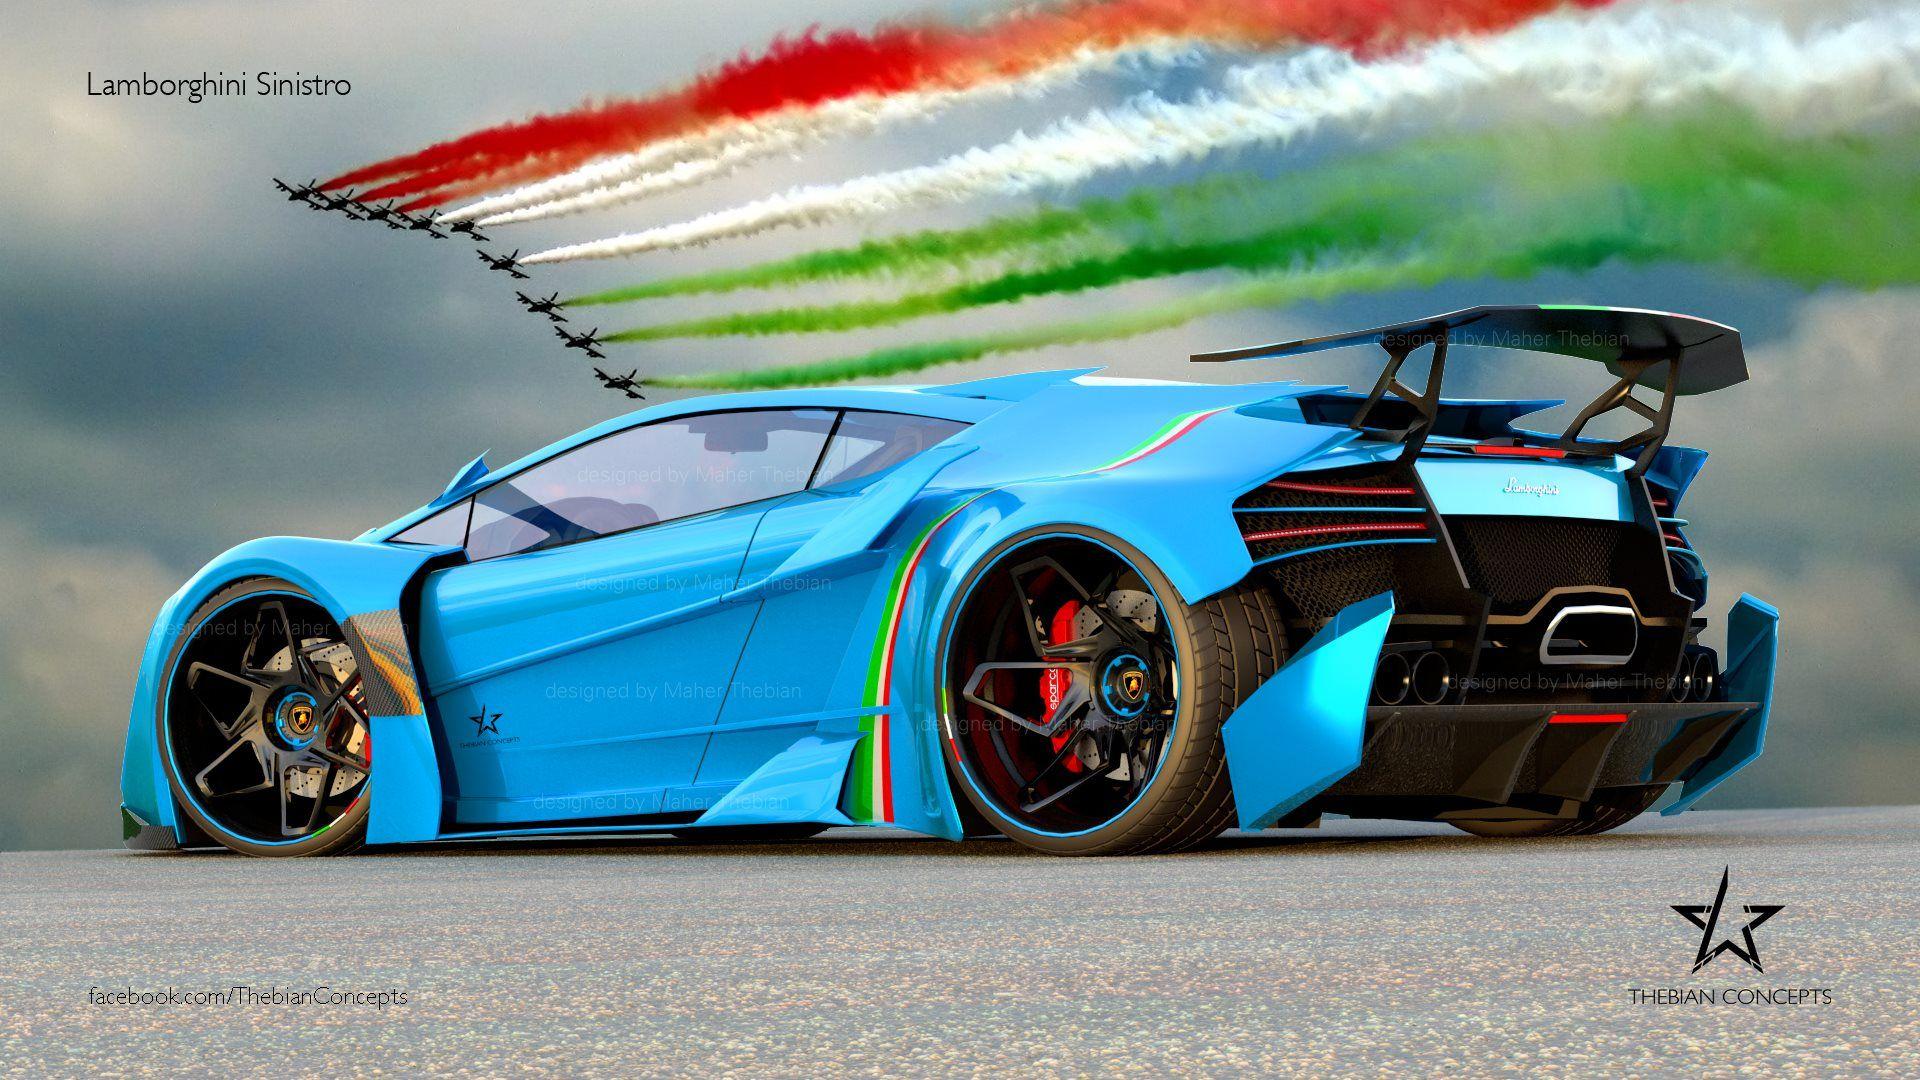 Lamborghini Sinistro   Google Search Design